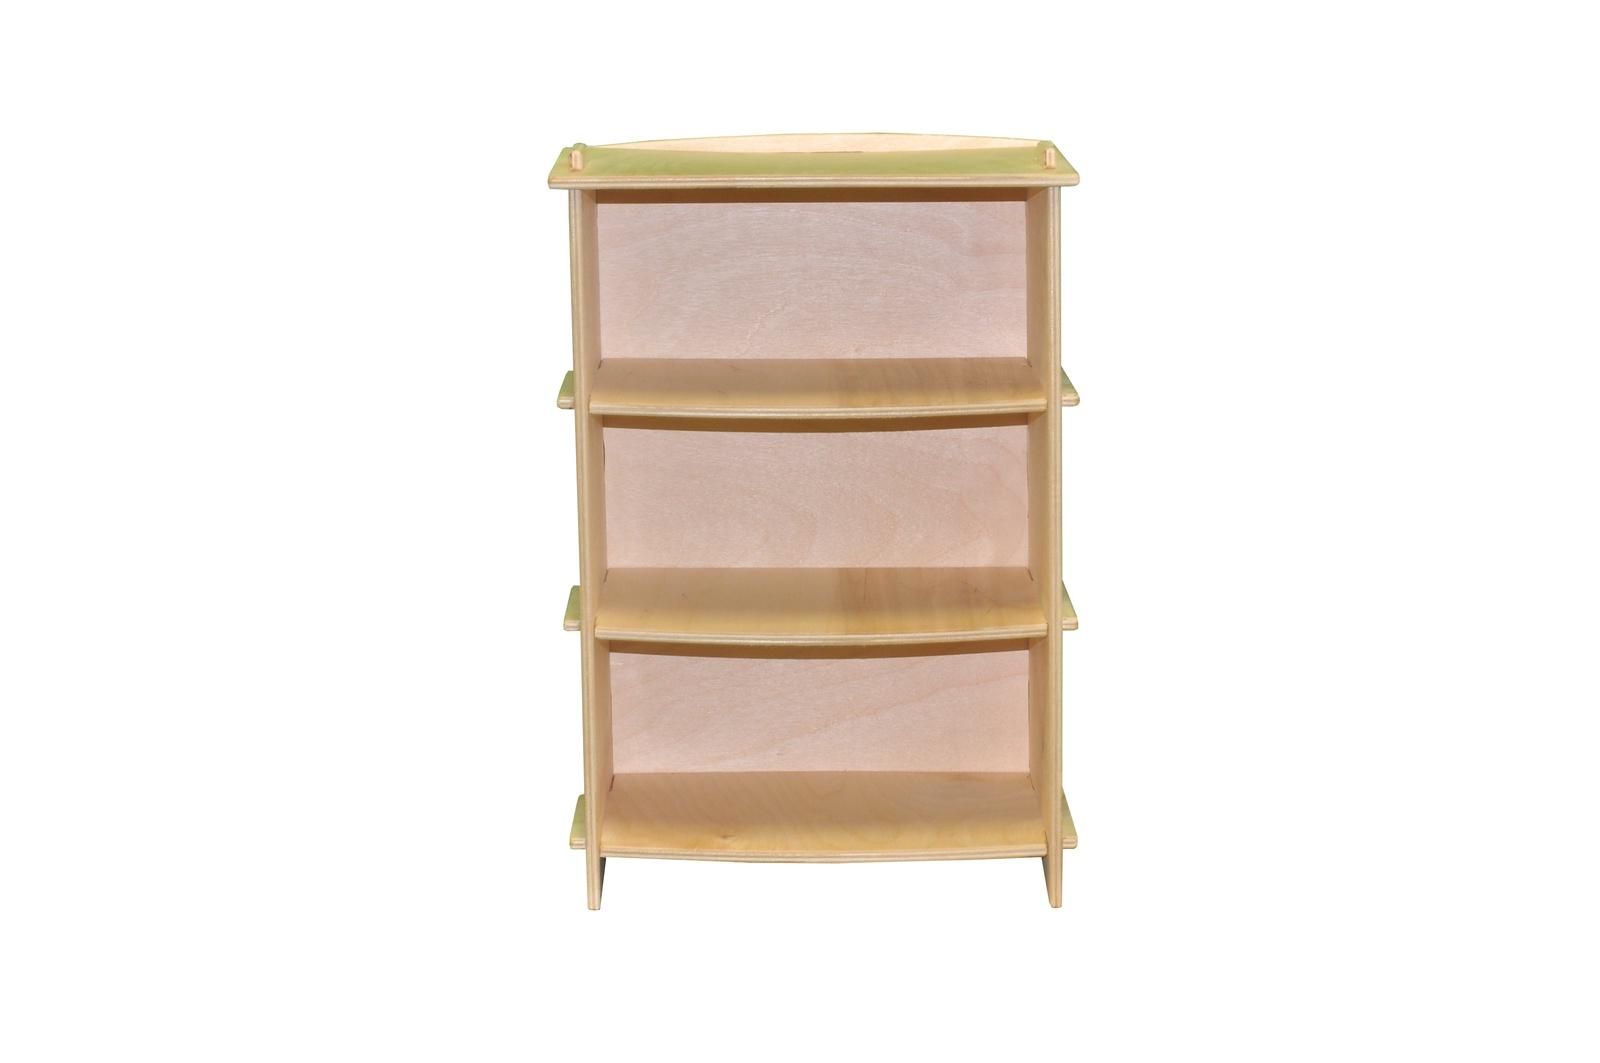 Мебель для кукол Woodlines Шкаф Этажерка бежевый